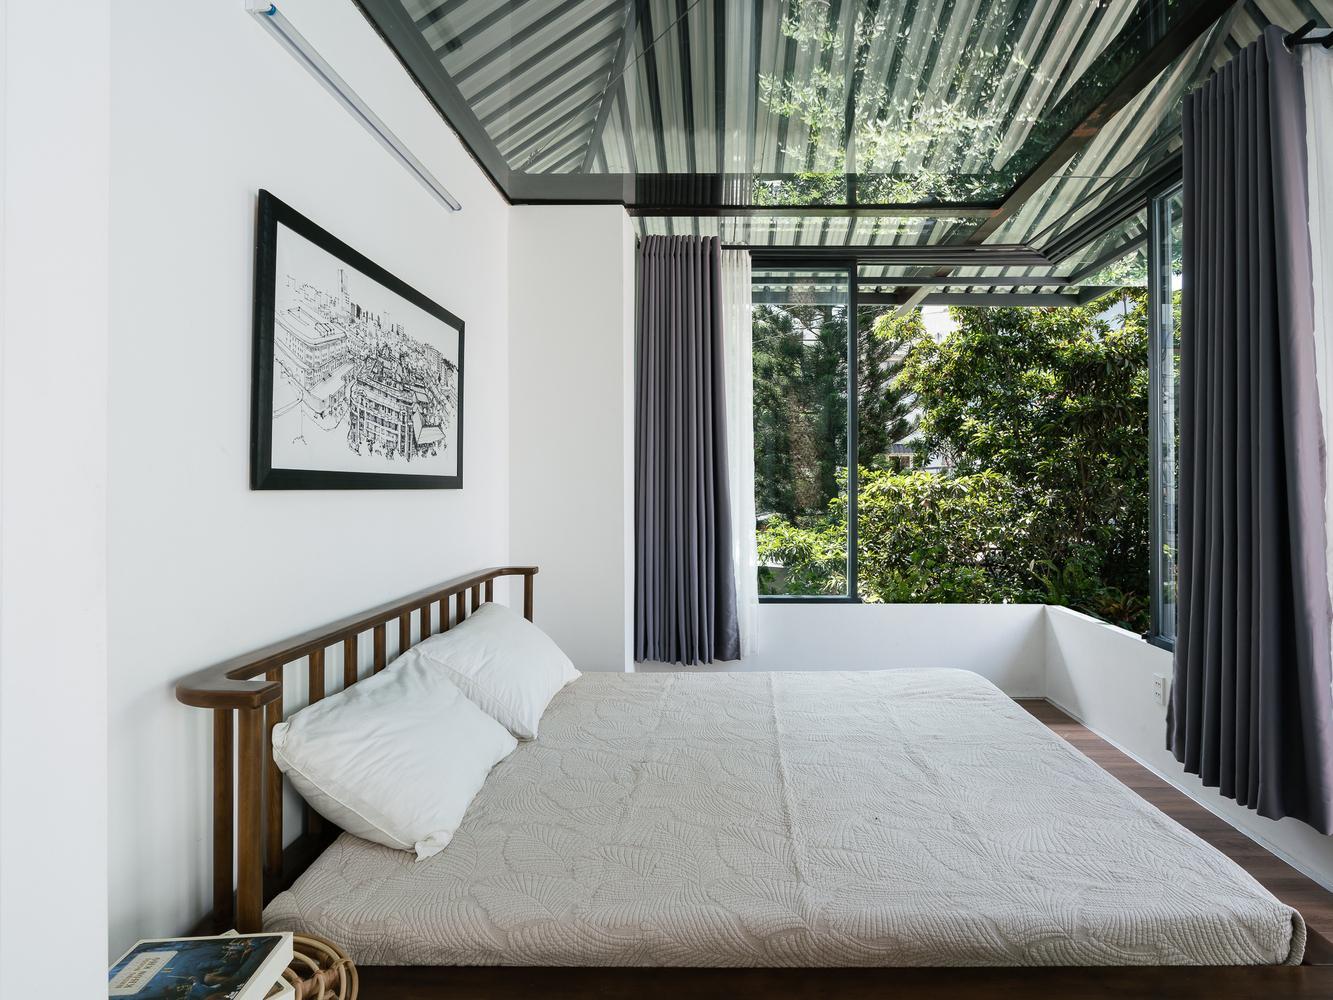 Phòng ngủ với chiếc cửa sổ rộng đón nắng